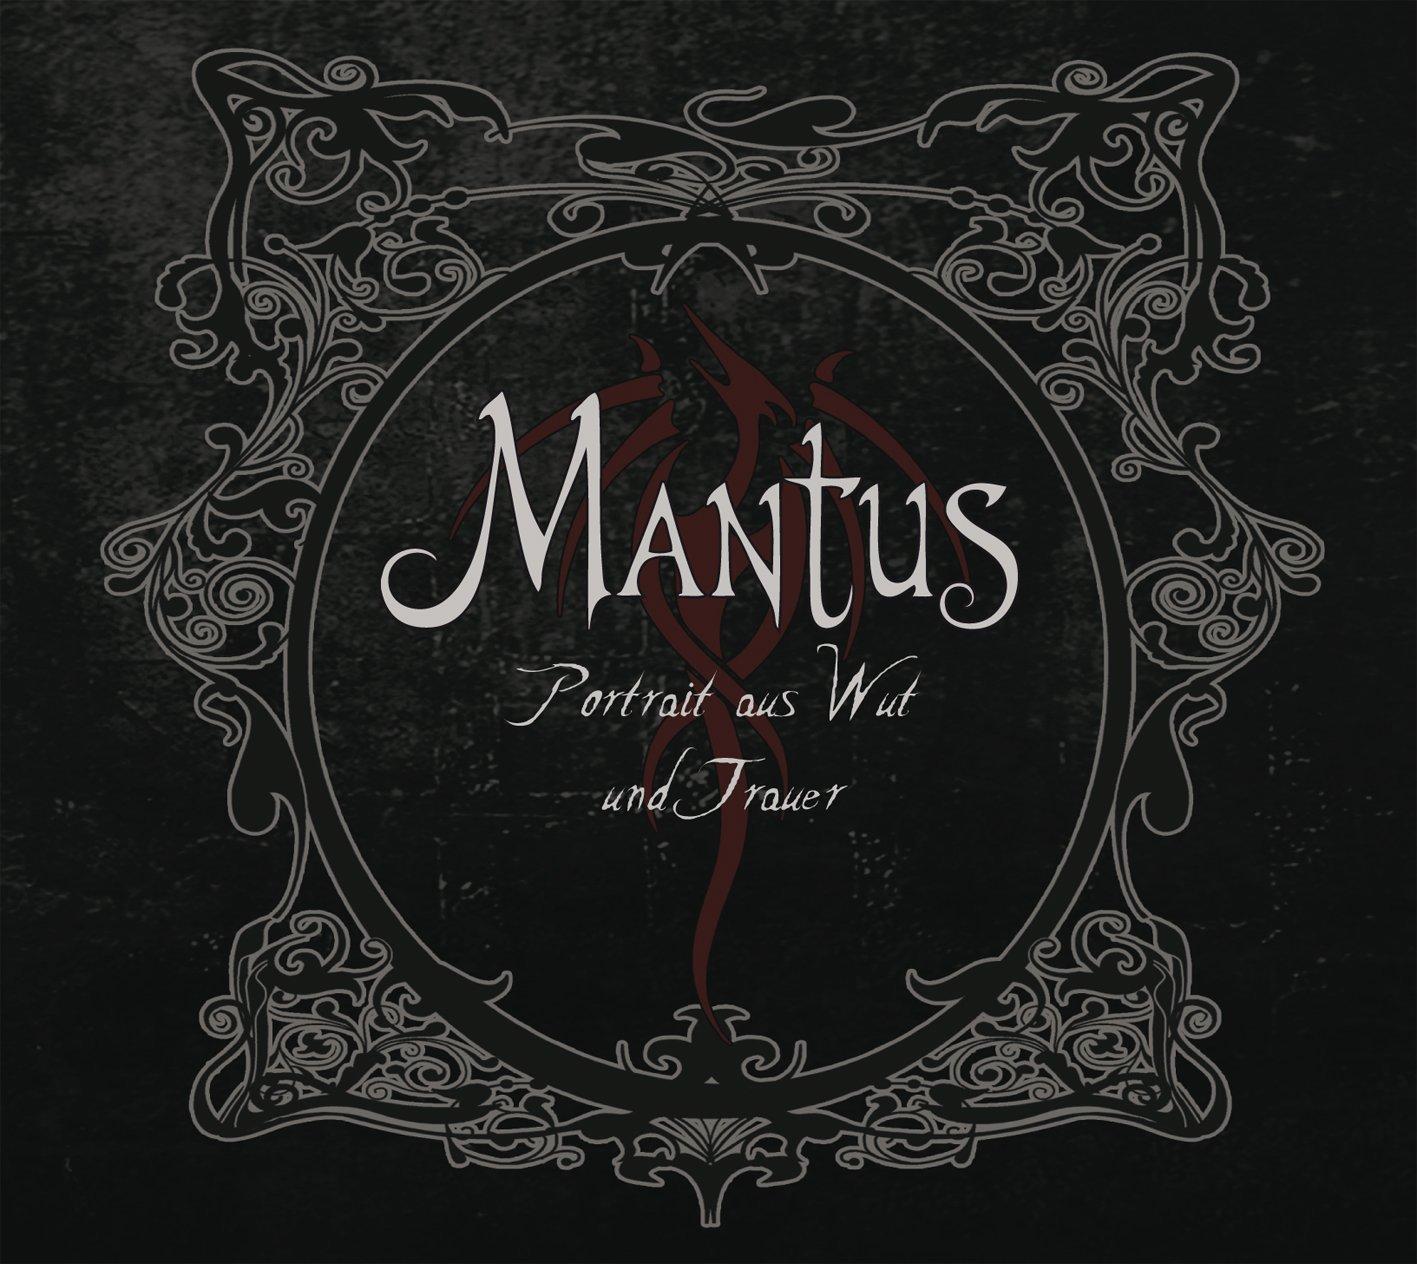 Mantus: Portrait aus Wut und Trauer (2014) Book Cover